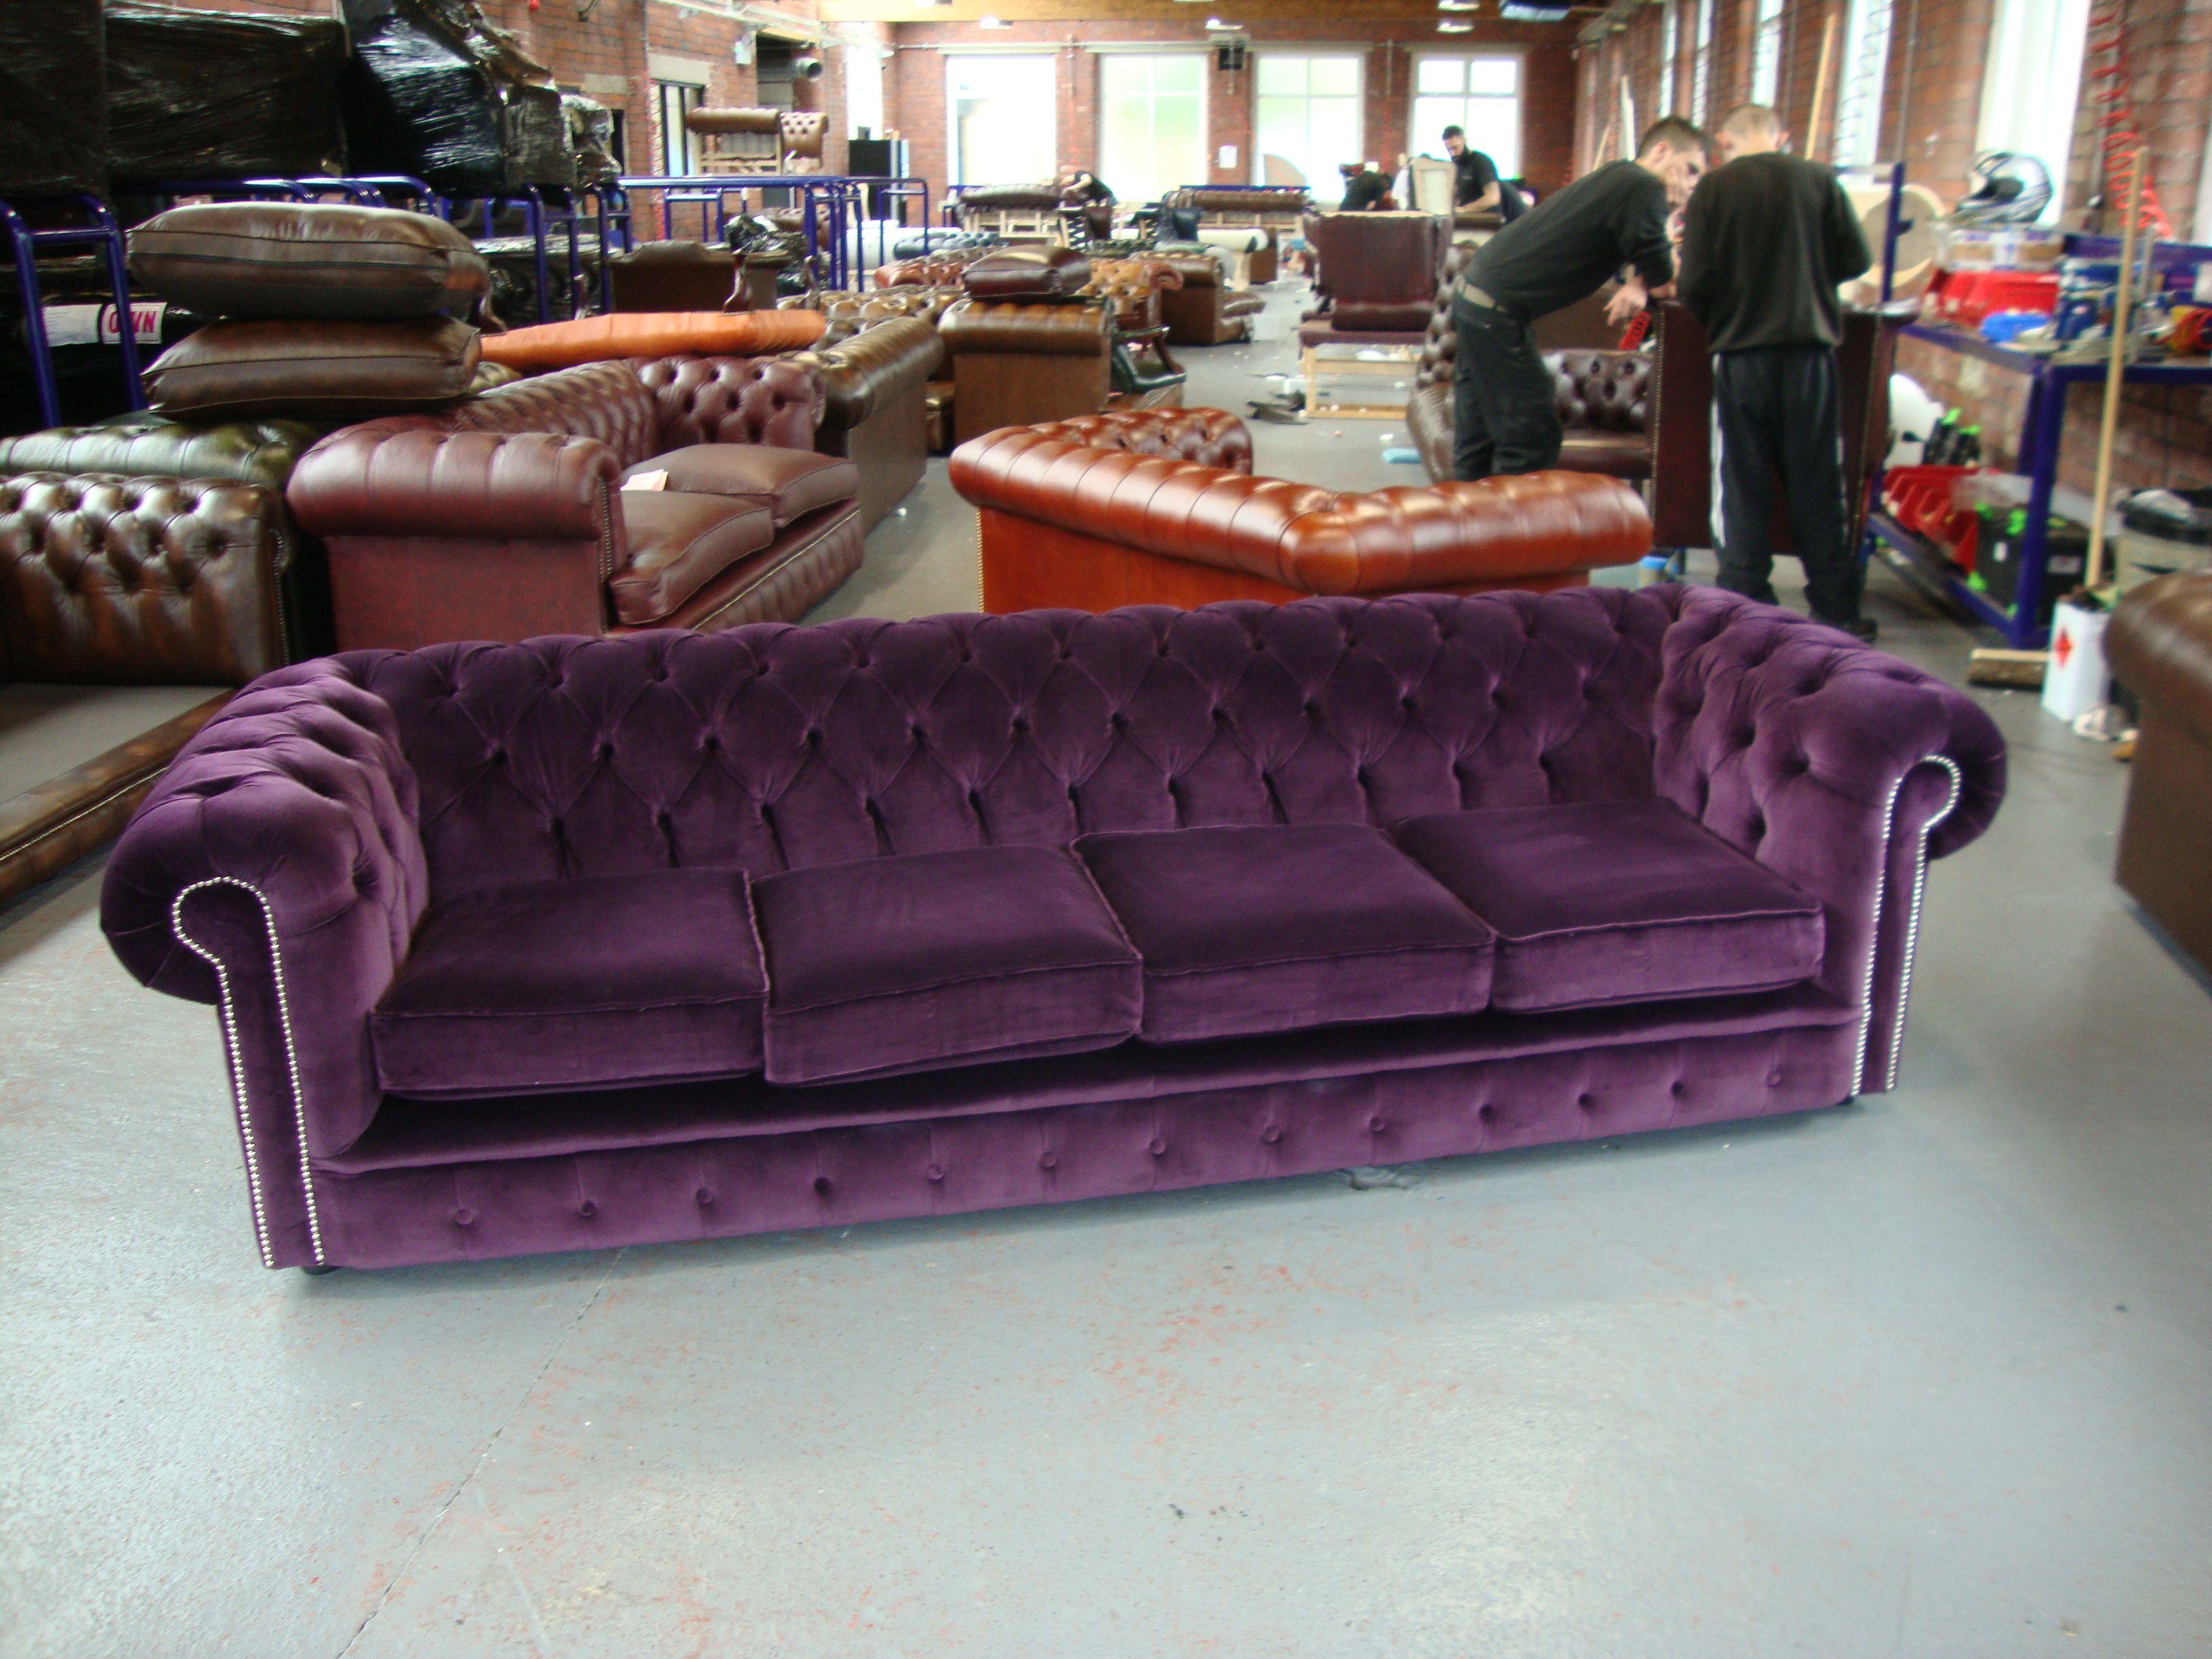 Plum Sofas Uk Best On The Market Belchamp Chesterfield Tufted 4 Seater Sofa In Aubergine Velvet 100 Made